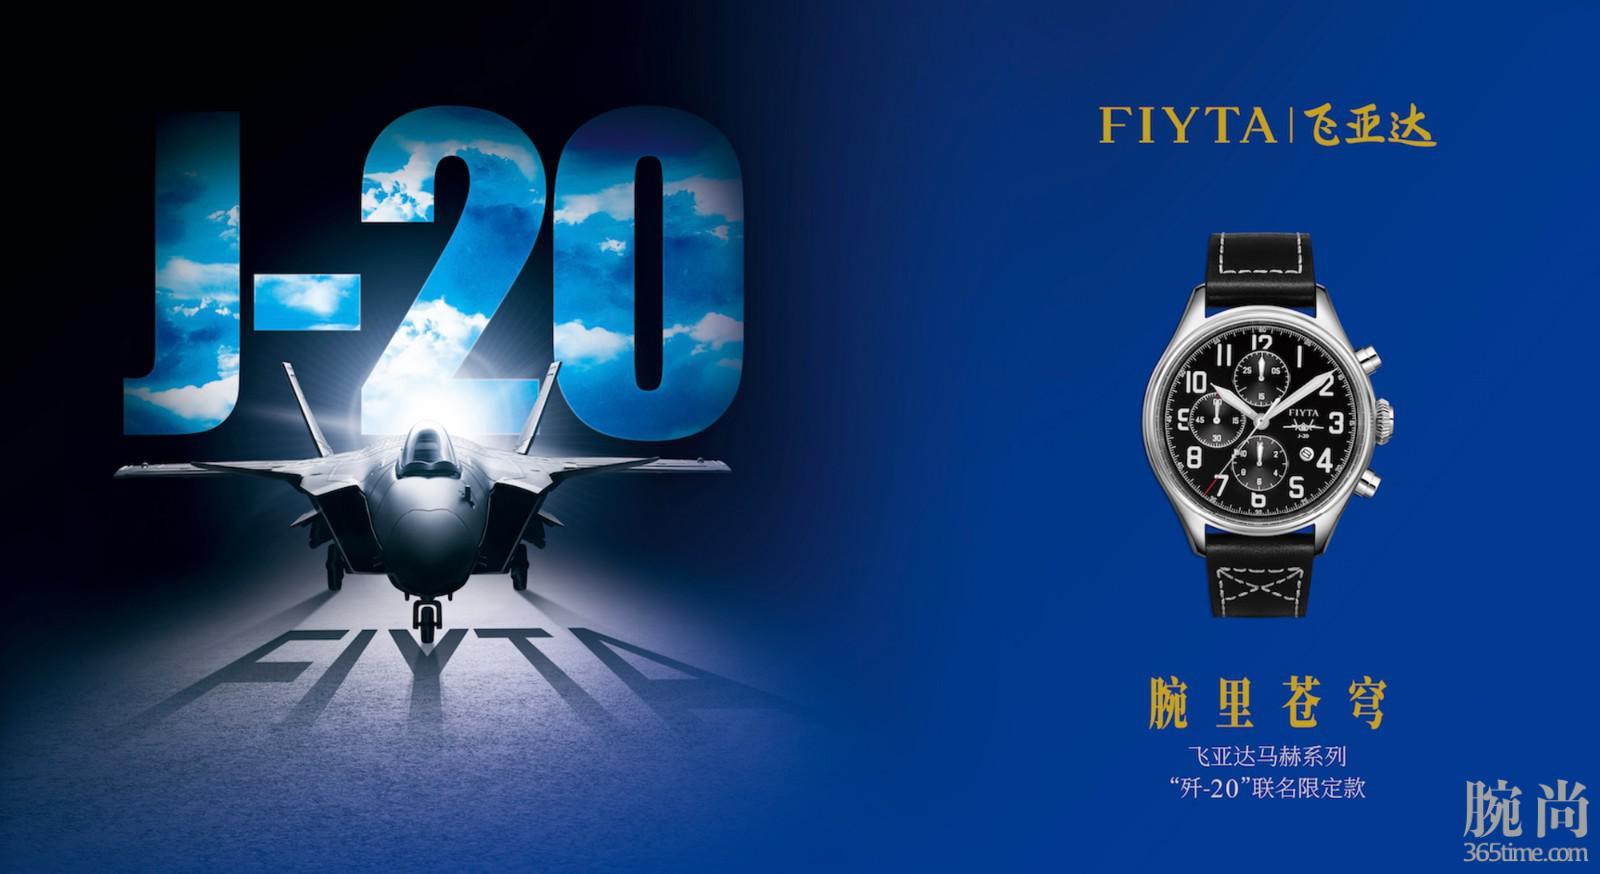 """马赫系列""""歼-20""""联名限定款腕表-横版.jpg"""